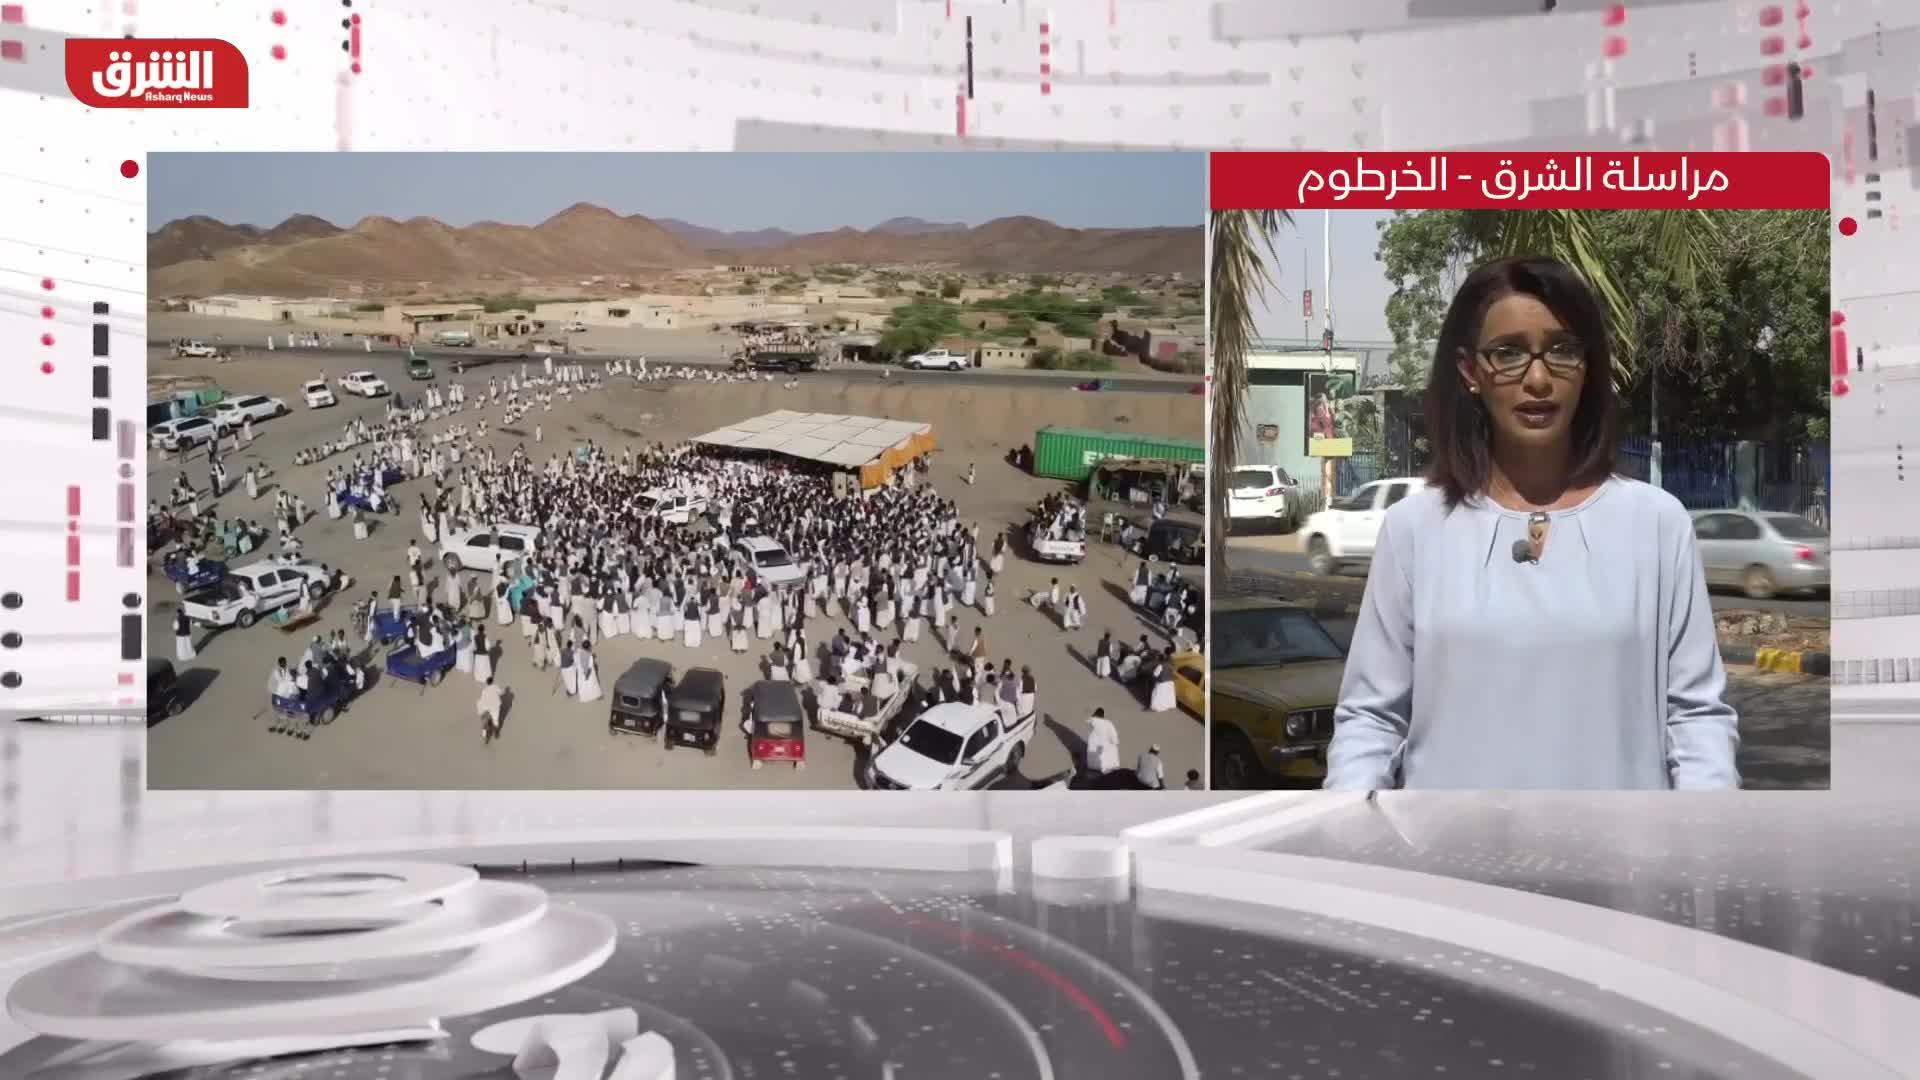 السودان.. استمرار الاحتجاجات في مدينة بورتسودان شرقي البلاد